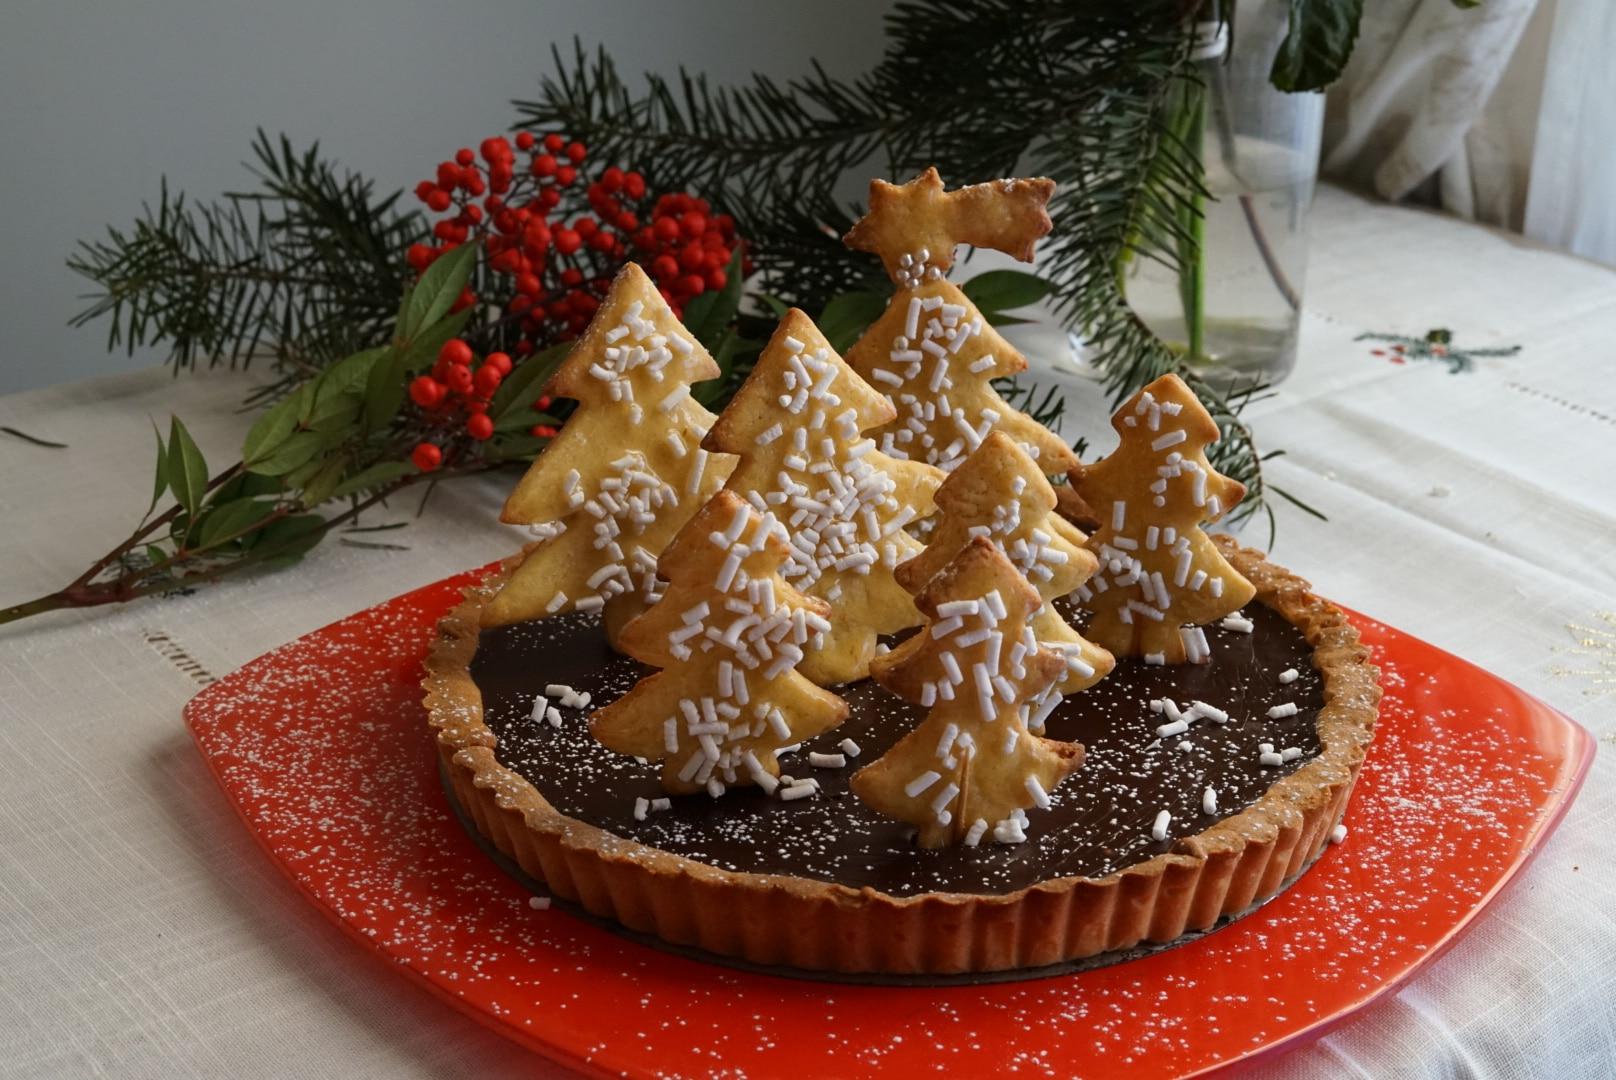 Crostata al cioccolato e arancia con alberelli di Natale